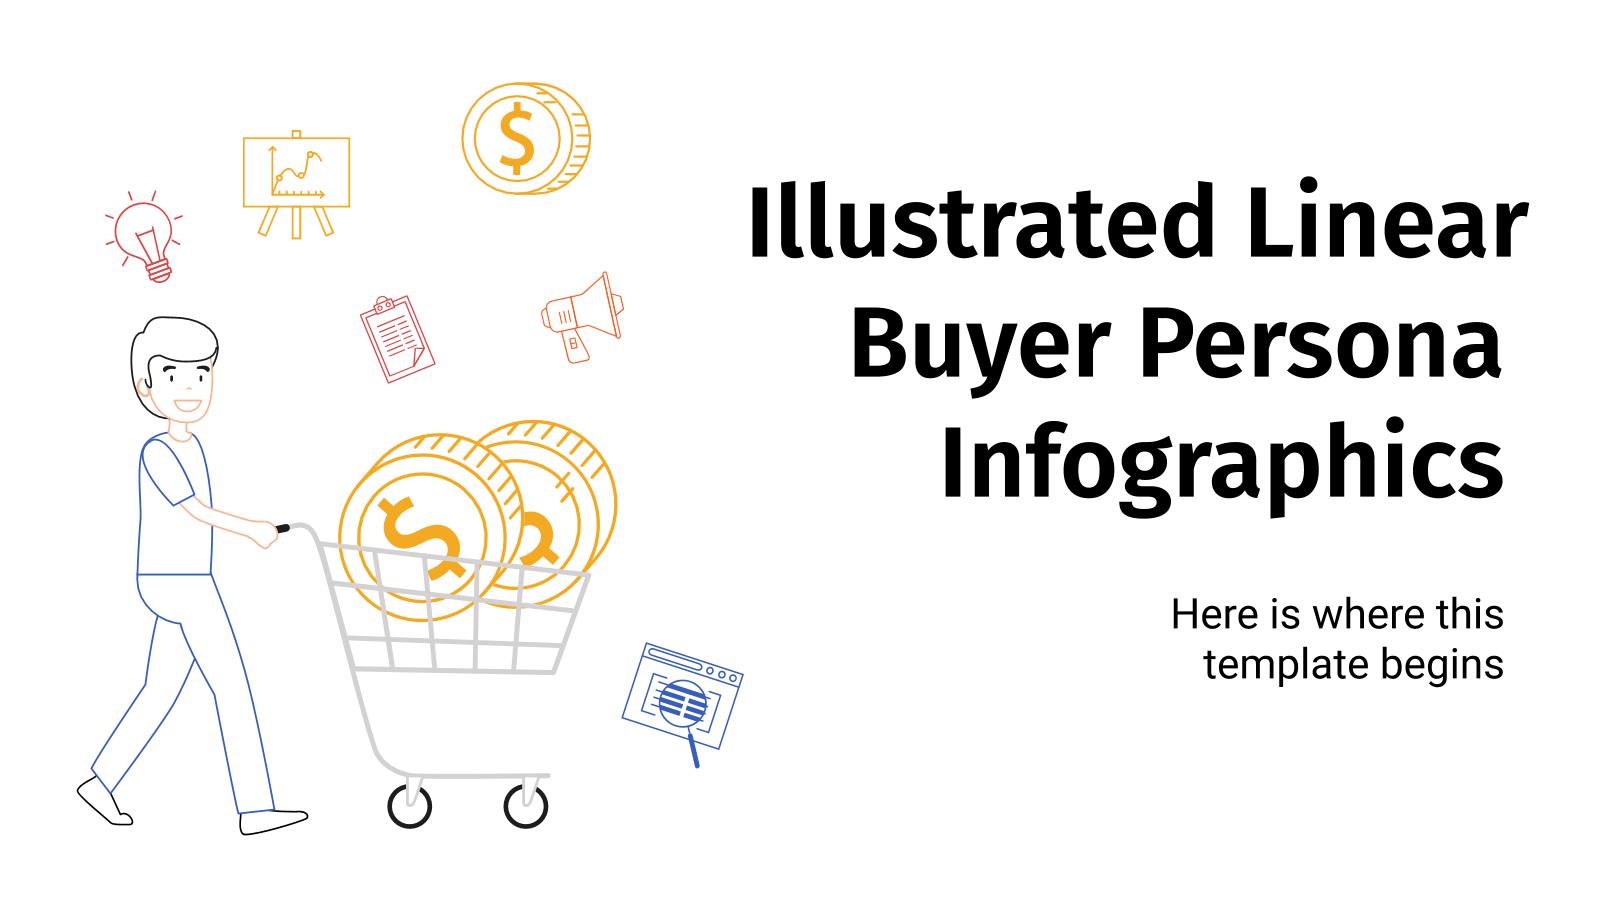 Modelo de apresentação Infográficos de perfil do comprador com ilustrações lineares